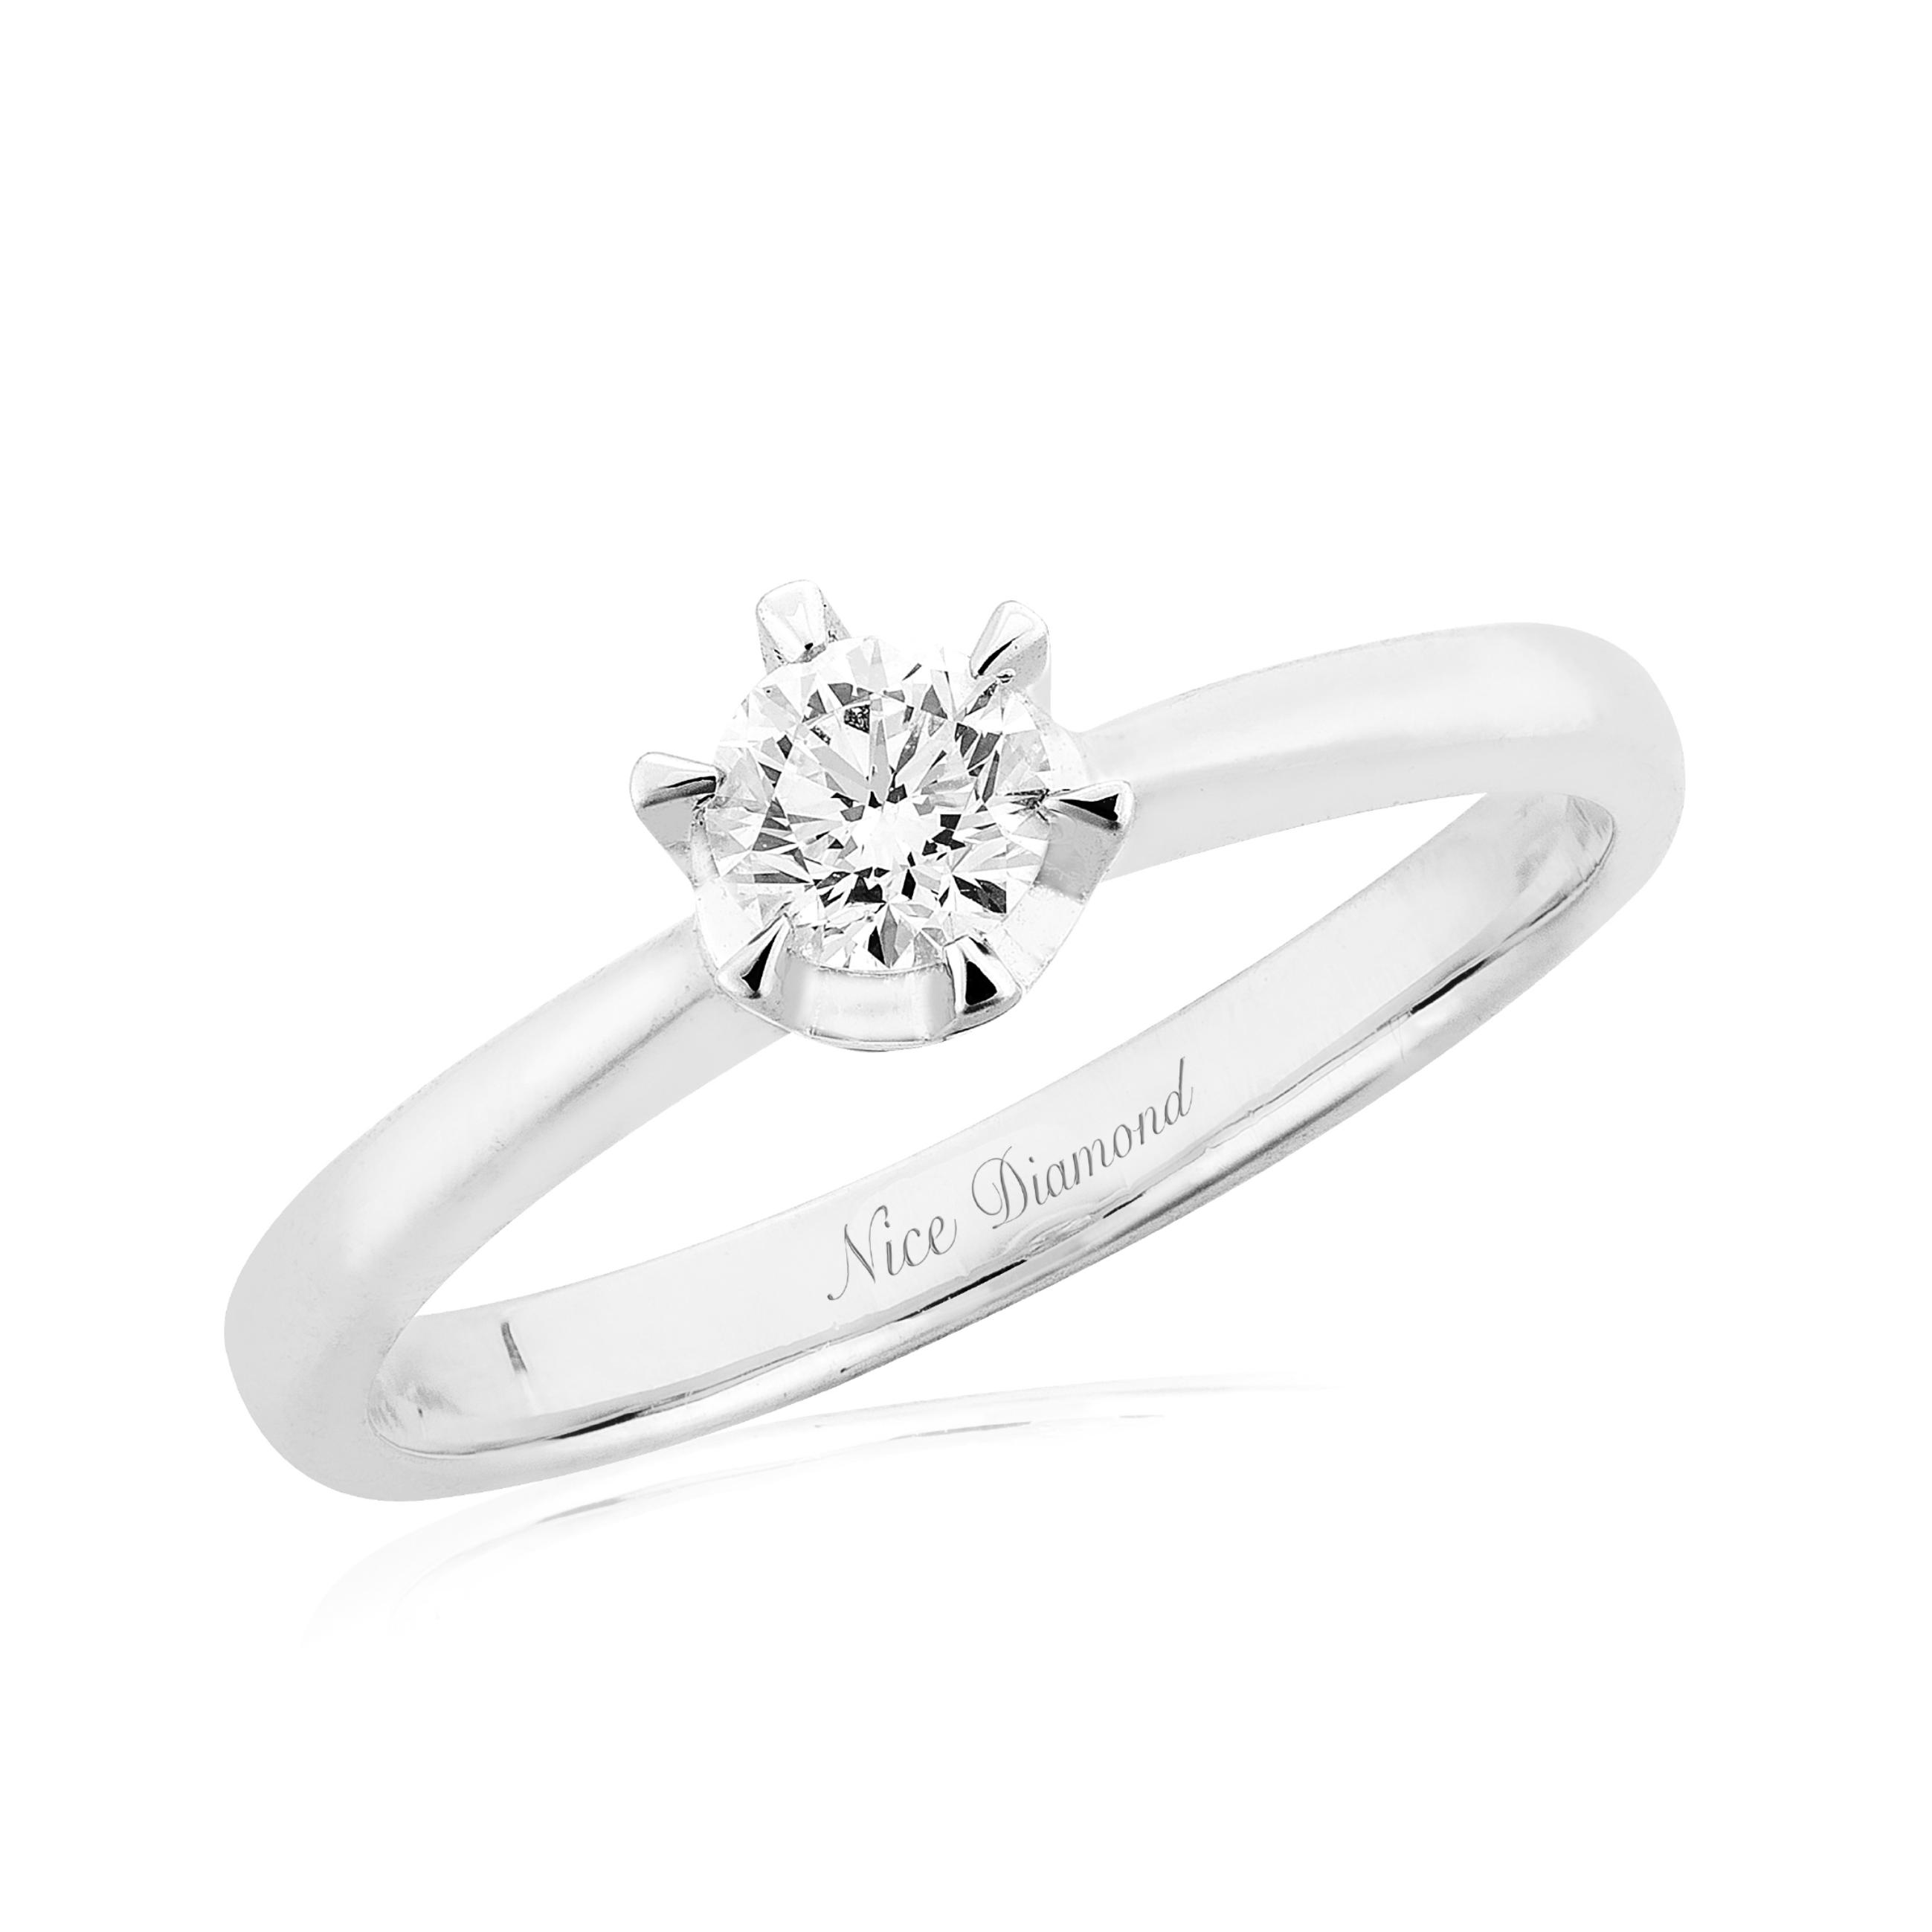 แหวนเพชรครึ่งกะรัต KD3896